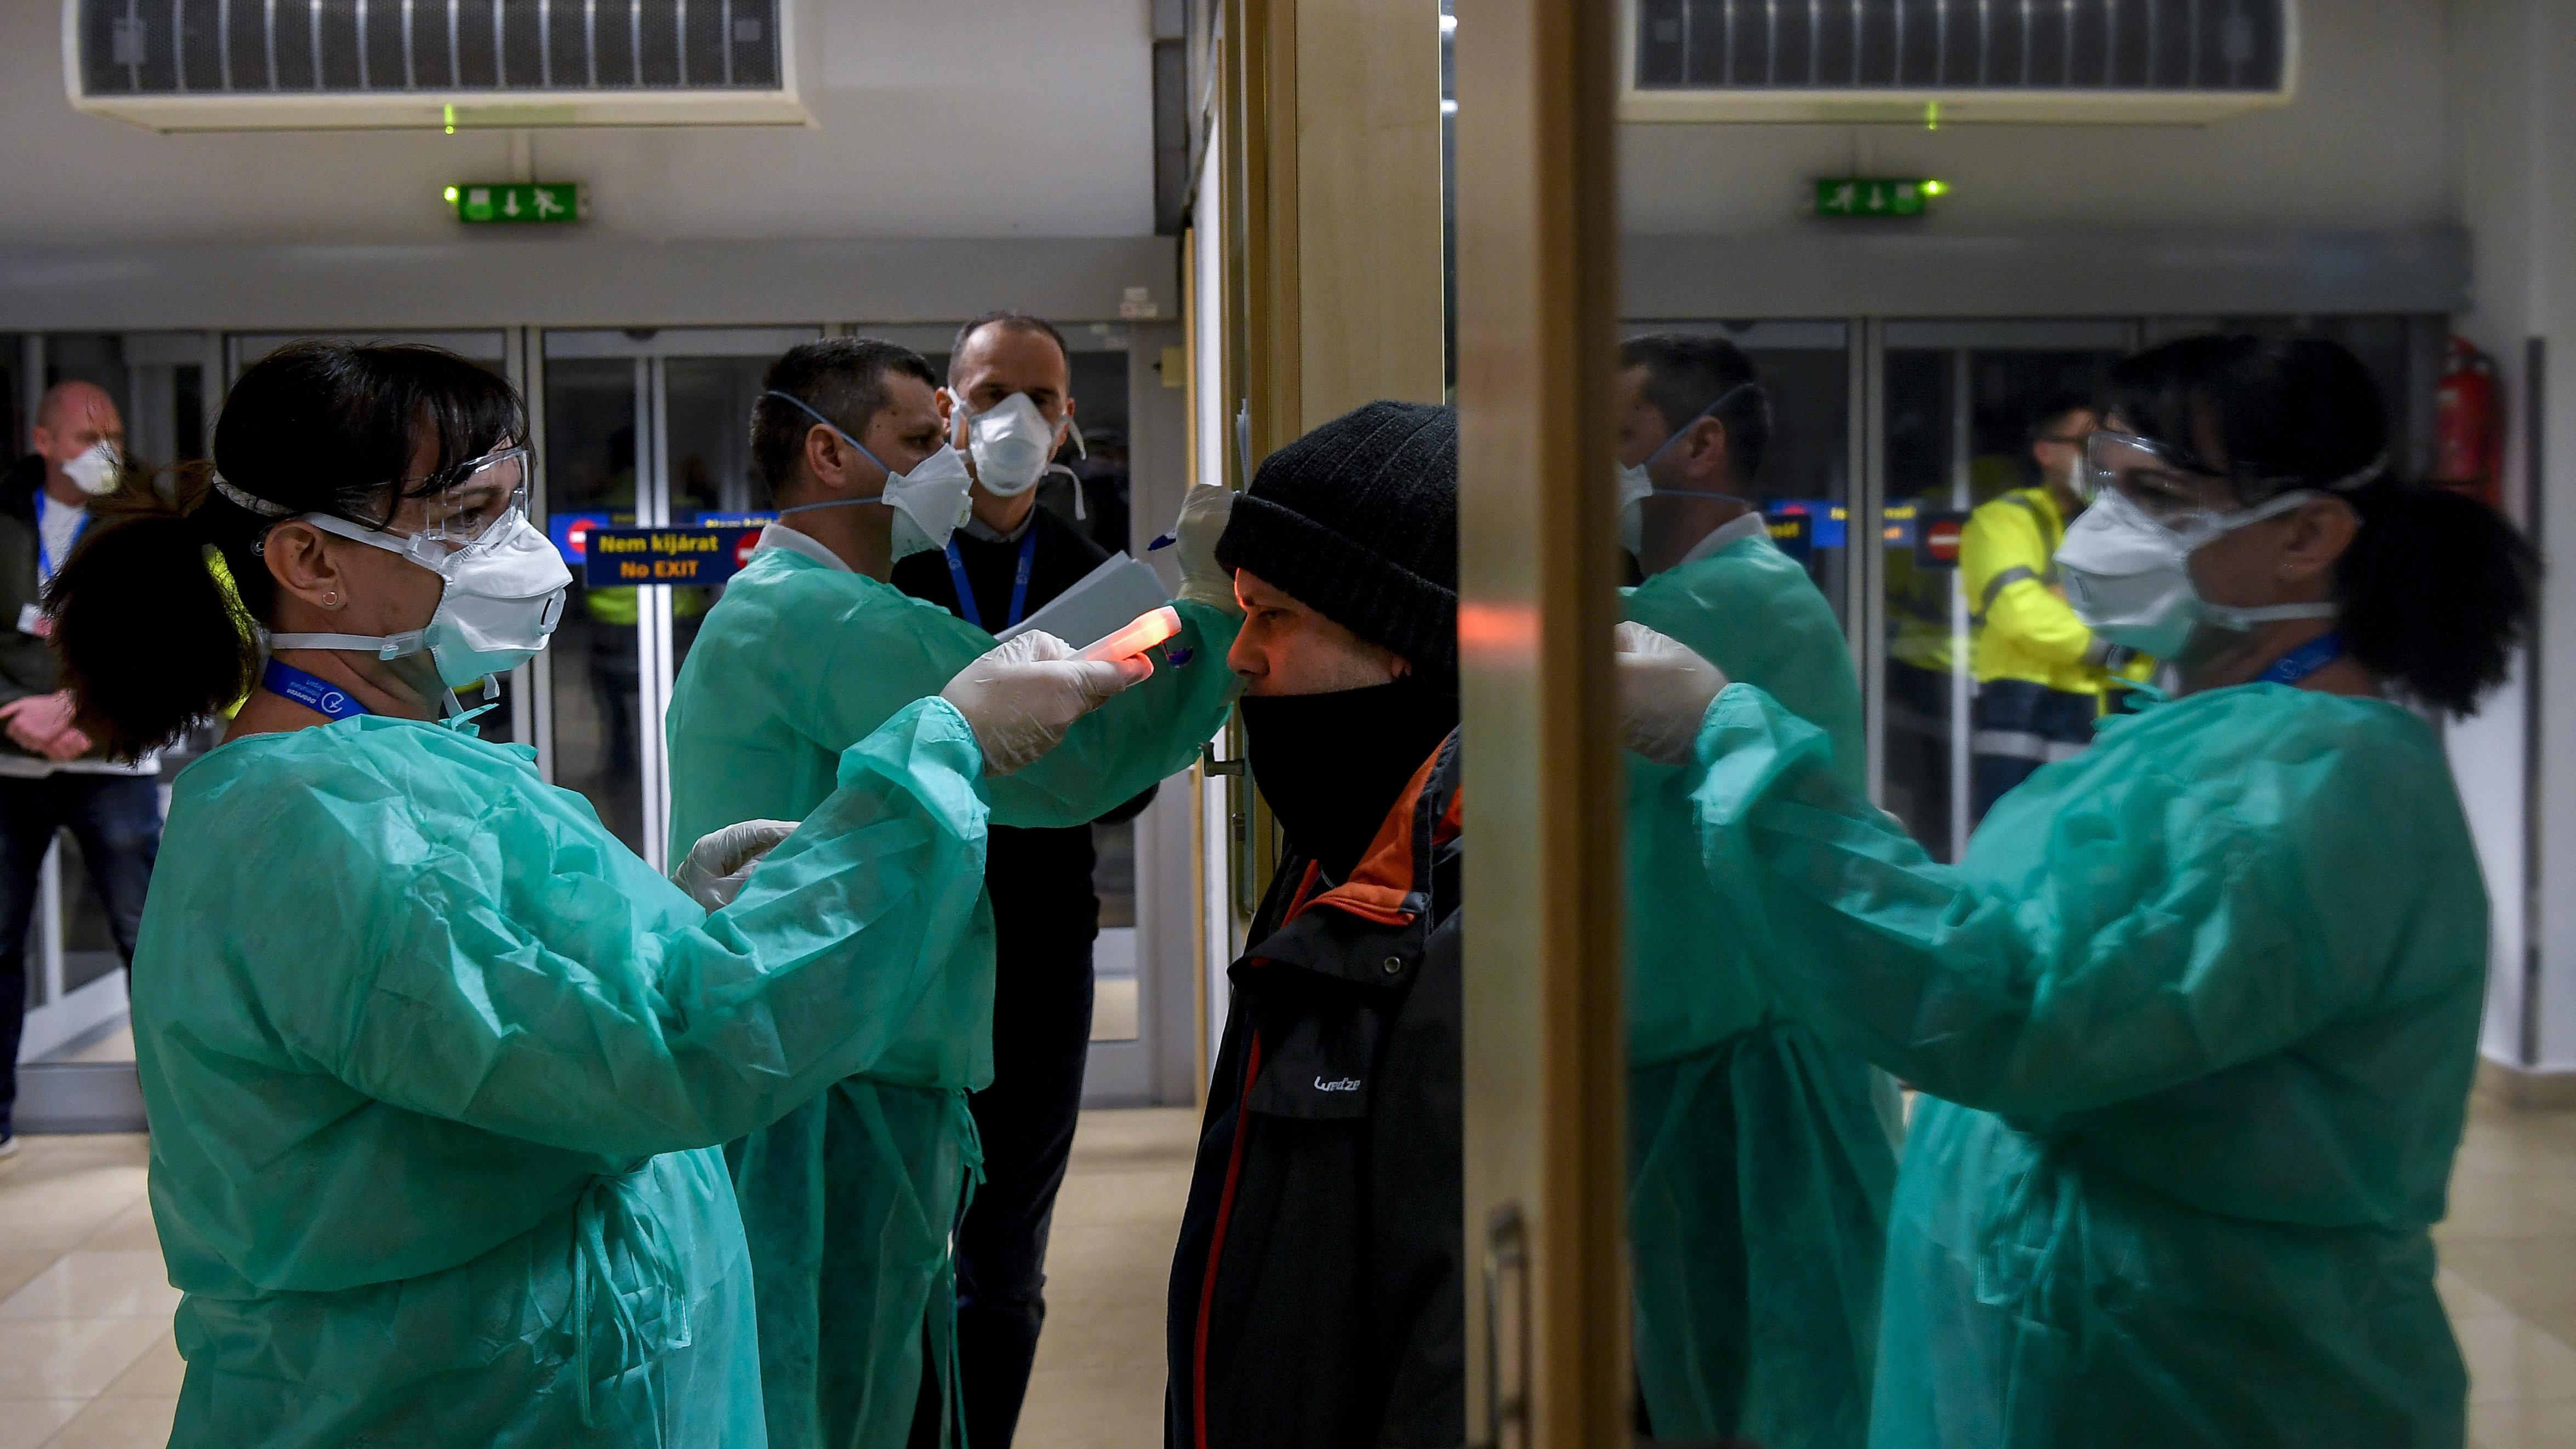 Regierung sieht keine Notwendigkeit für Absage von Veranstaltungen wegen Coronavirus post's picture